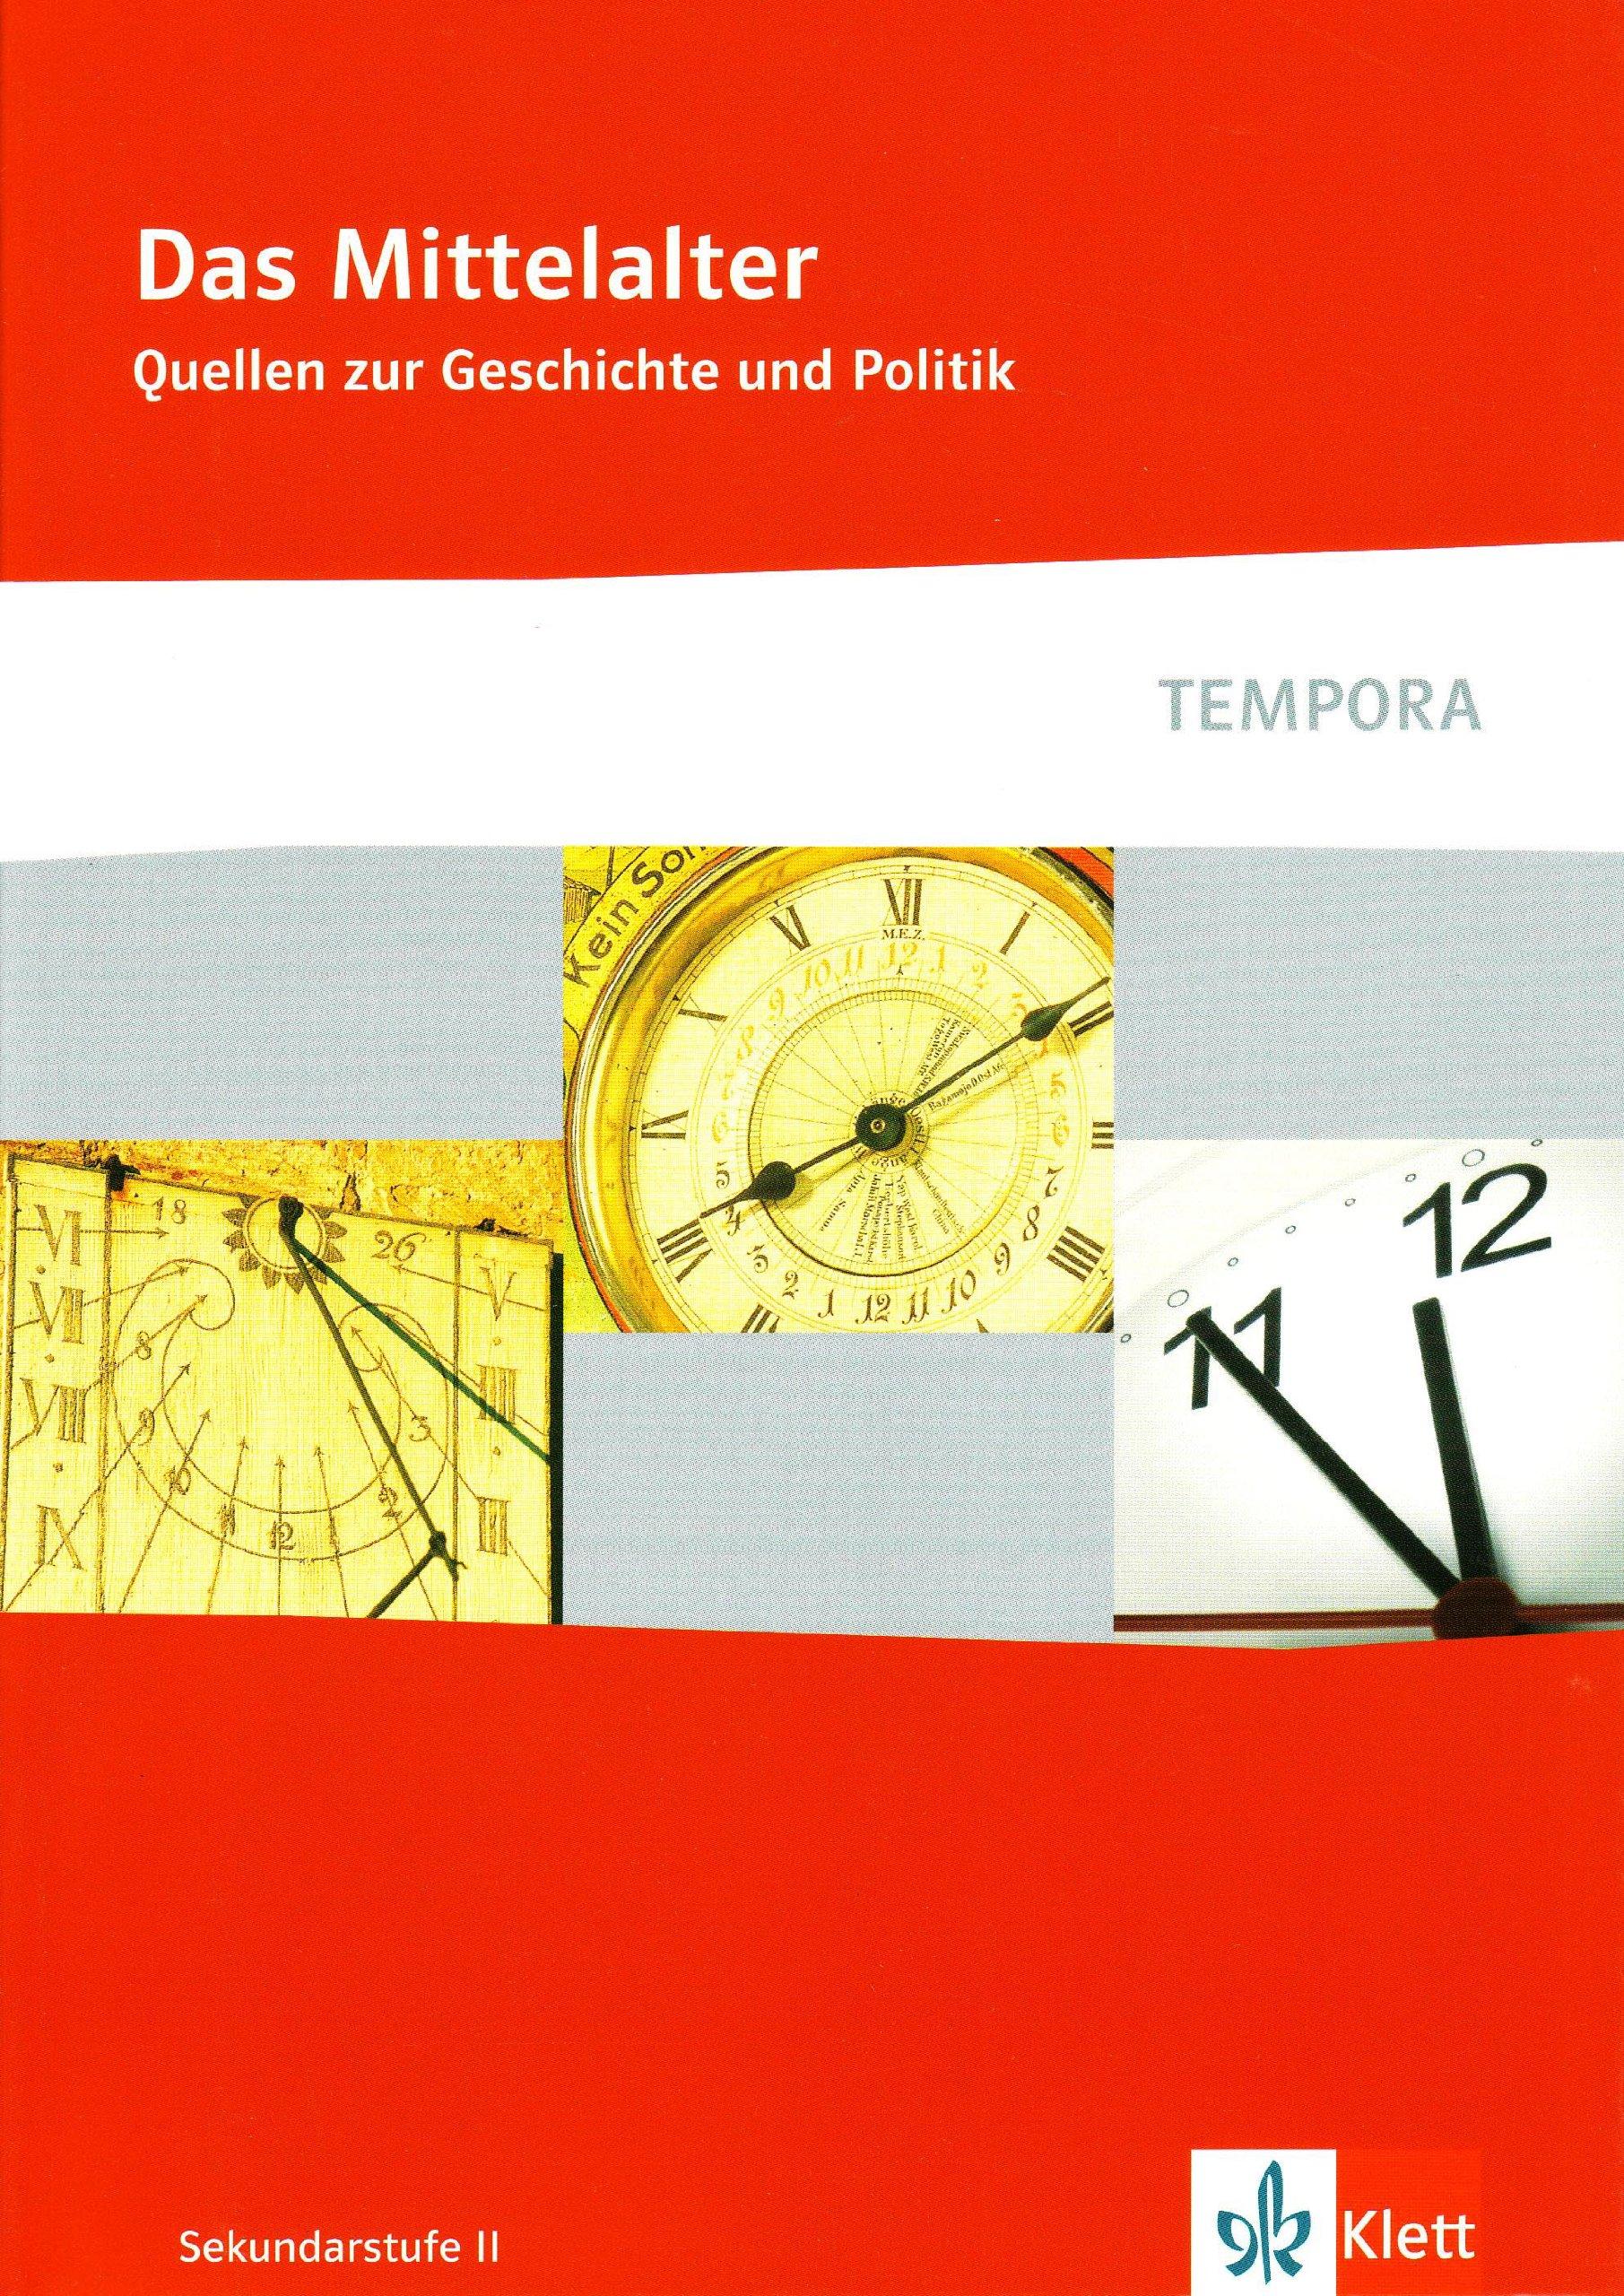 Mittelalter: Quellen zur Geschichte und Politik Klasse 10-13 (TEMPORA) Taschenbuch – 1. Juni 2007 Klett 3124300629 NU-KAQ-00565484 Schulbücher